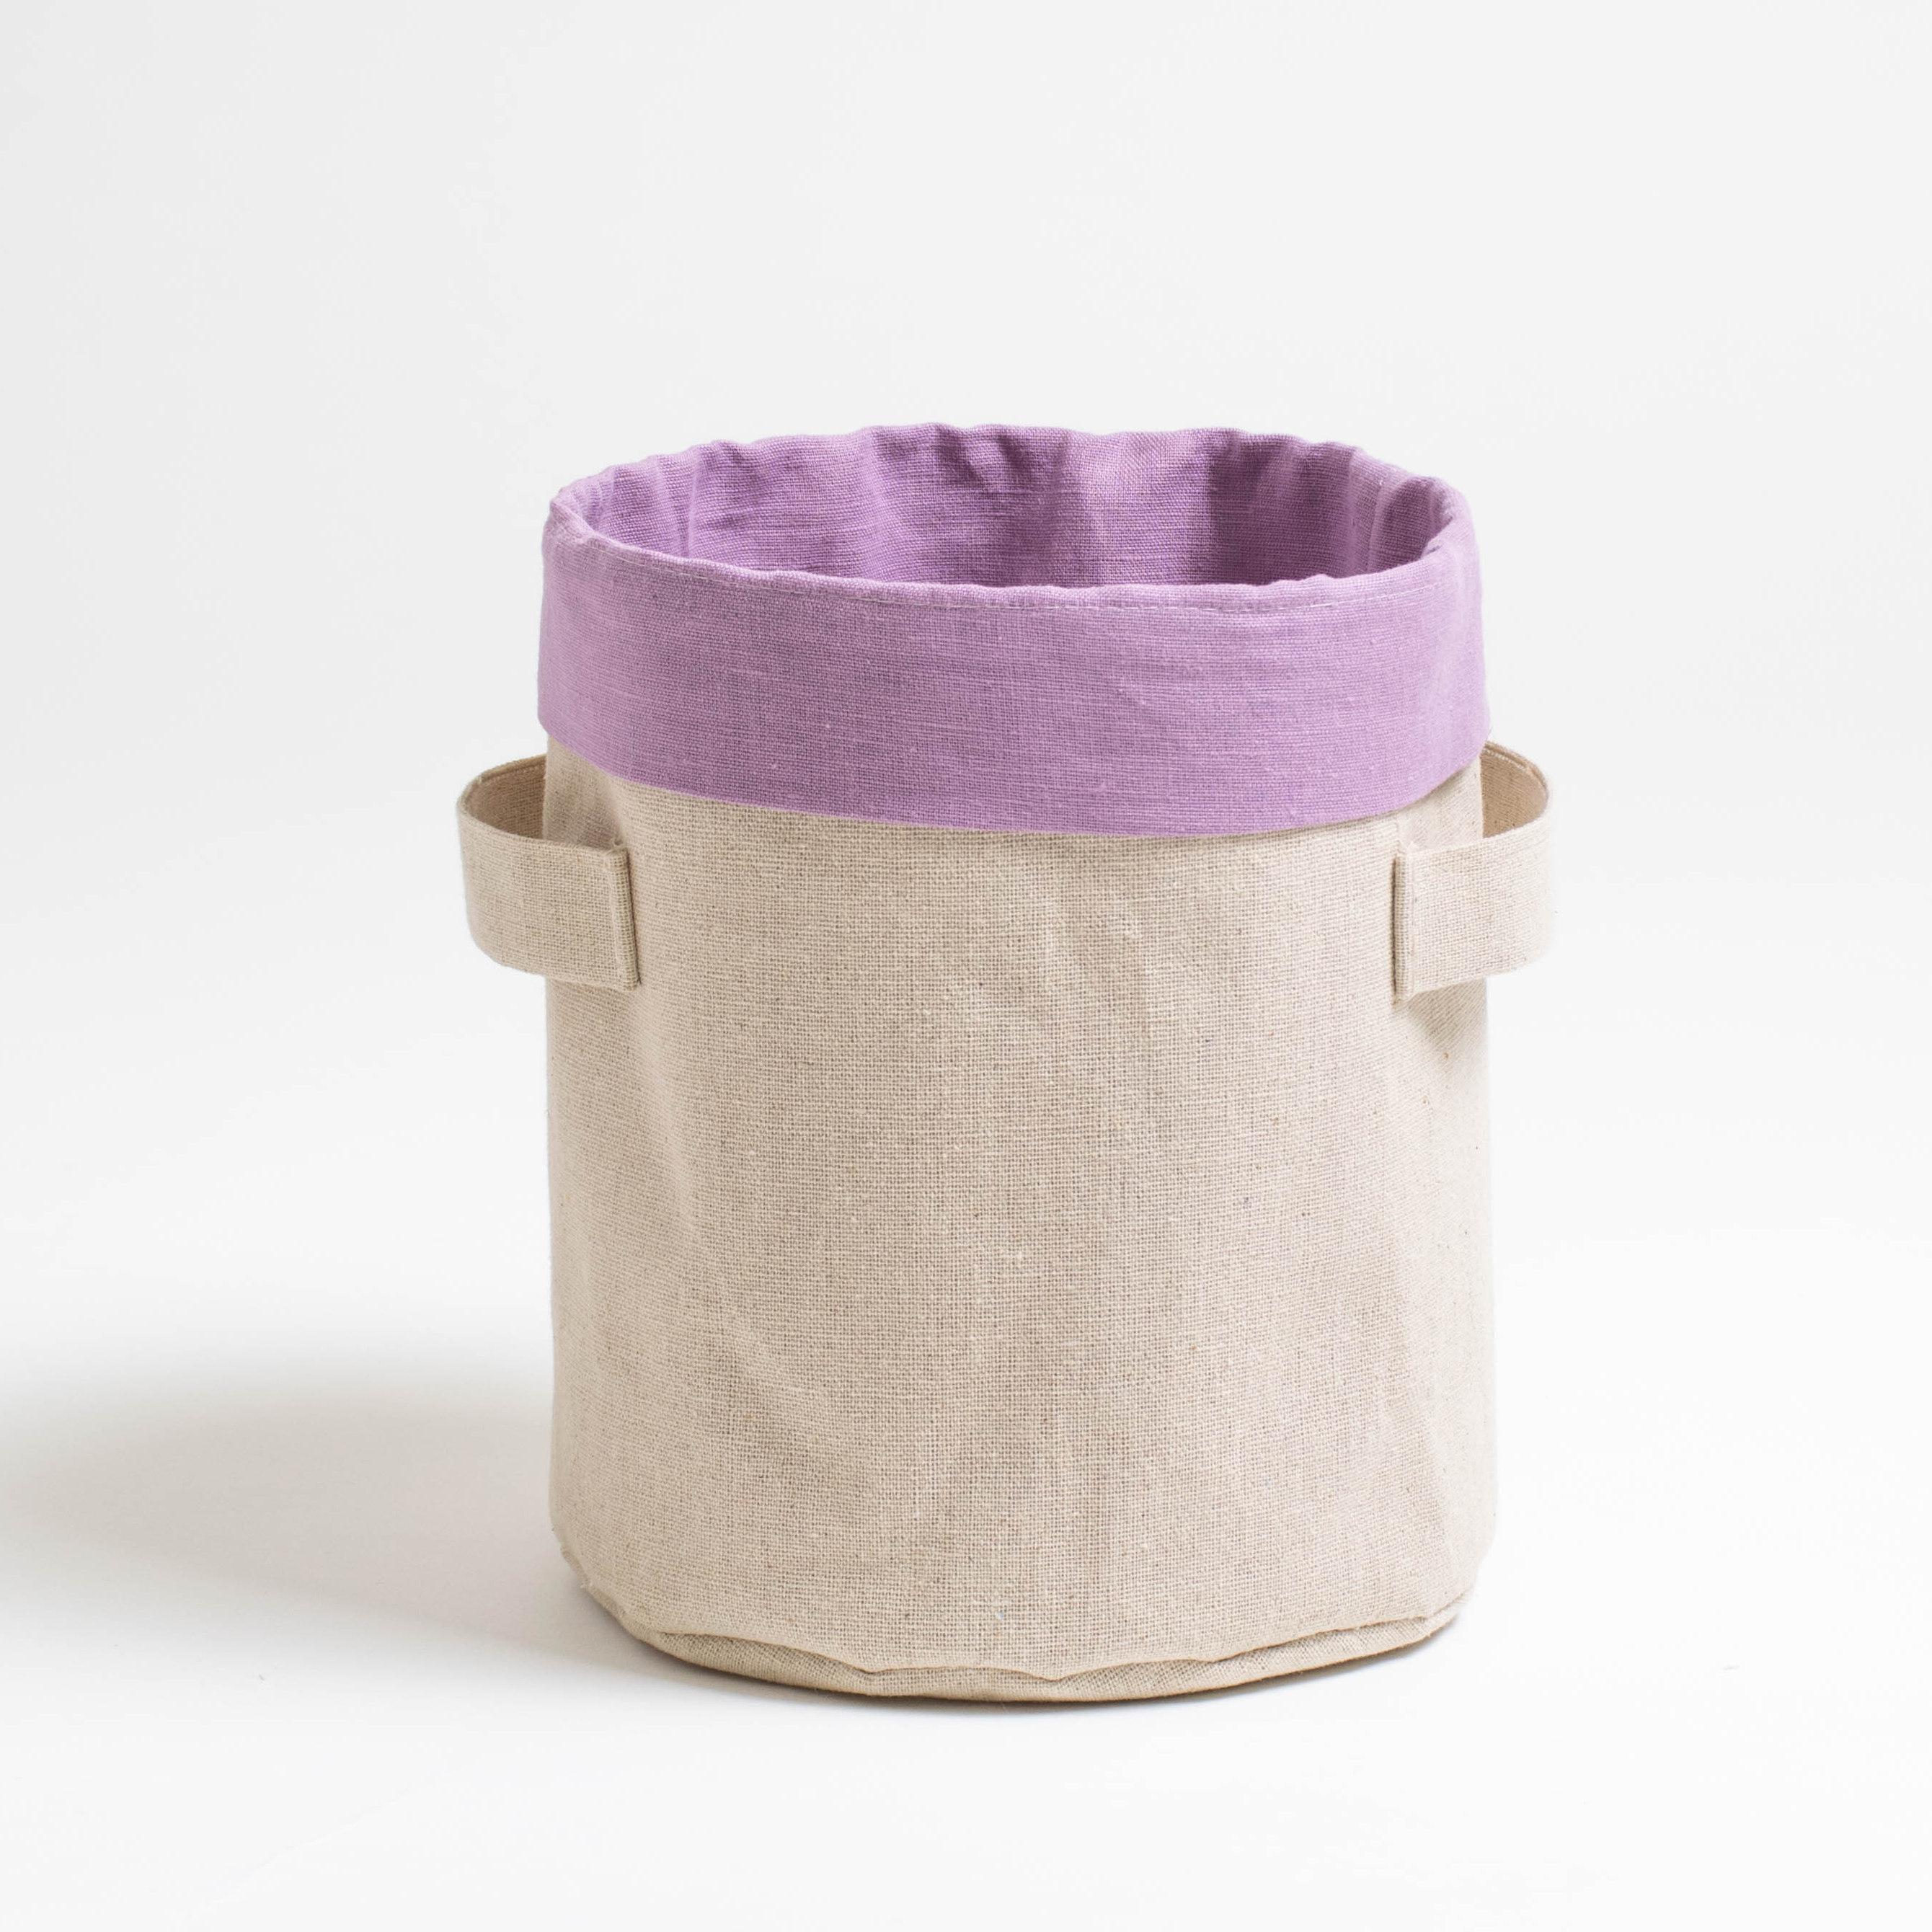 Короб круглый ПровансАксессуары для кухни<br>Короб «Прованс» - прекрасное решение как для использования на кухне-столовой, так и поддержания порядка в шкафчиках.<br><br>Внешняя сторона короба из сурового льна, внутренний чехол приятного сиреневого цвета, это натуральная смесовая ткань – сочетание хлопка и льна. Благодаря экоматериалам использованным в изготовлении данного короба, его можно как для сервировки стола использовать, например, для подачи хлеба, так и для поддержания порядка в комнатах.<br><br>Зарядки для телефонов, клубочки для вязания, мелкие пазлы для создания картин – всё это и много другое можно хранить в удобных коробах «Прованс».<br><br>Material: Хлопок<br>Height см: 20<br>Diameter см: 17